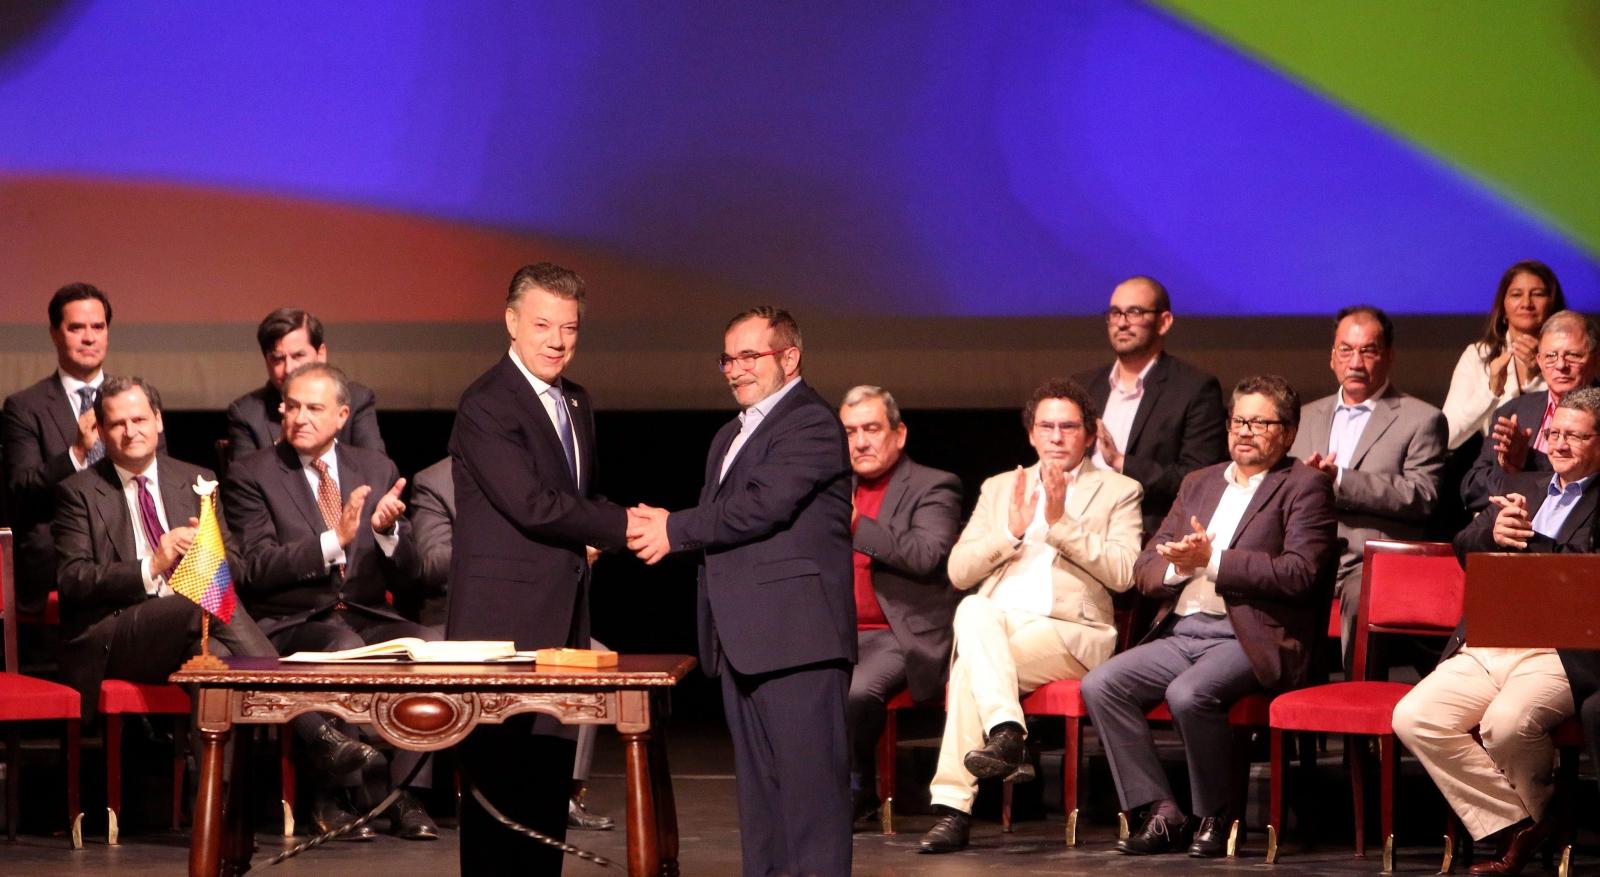 Prezydent Kolumbii Juan Manuel Santos podpisał nowe porozumienie pokojowe między rządem a FARC. Fot. PAP/EPA/MAURICIO DUENAS CASTANEDA